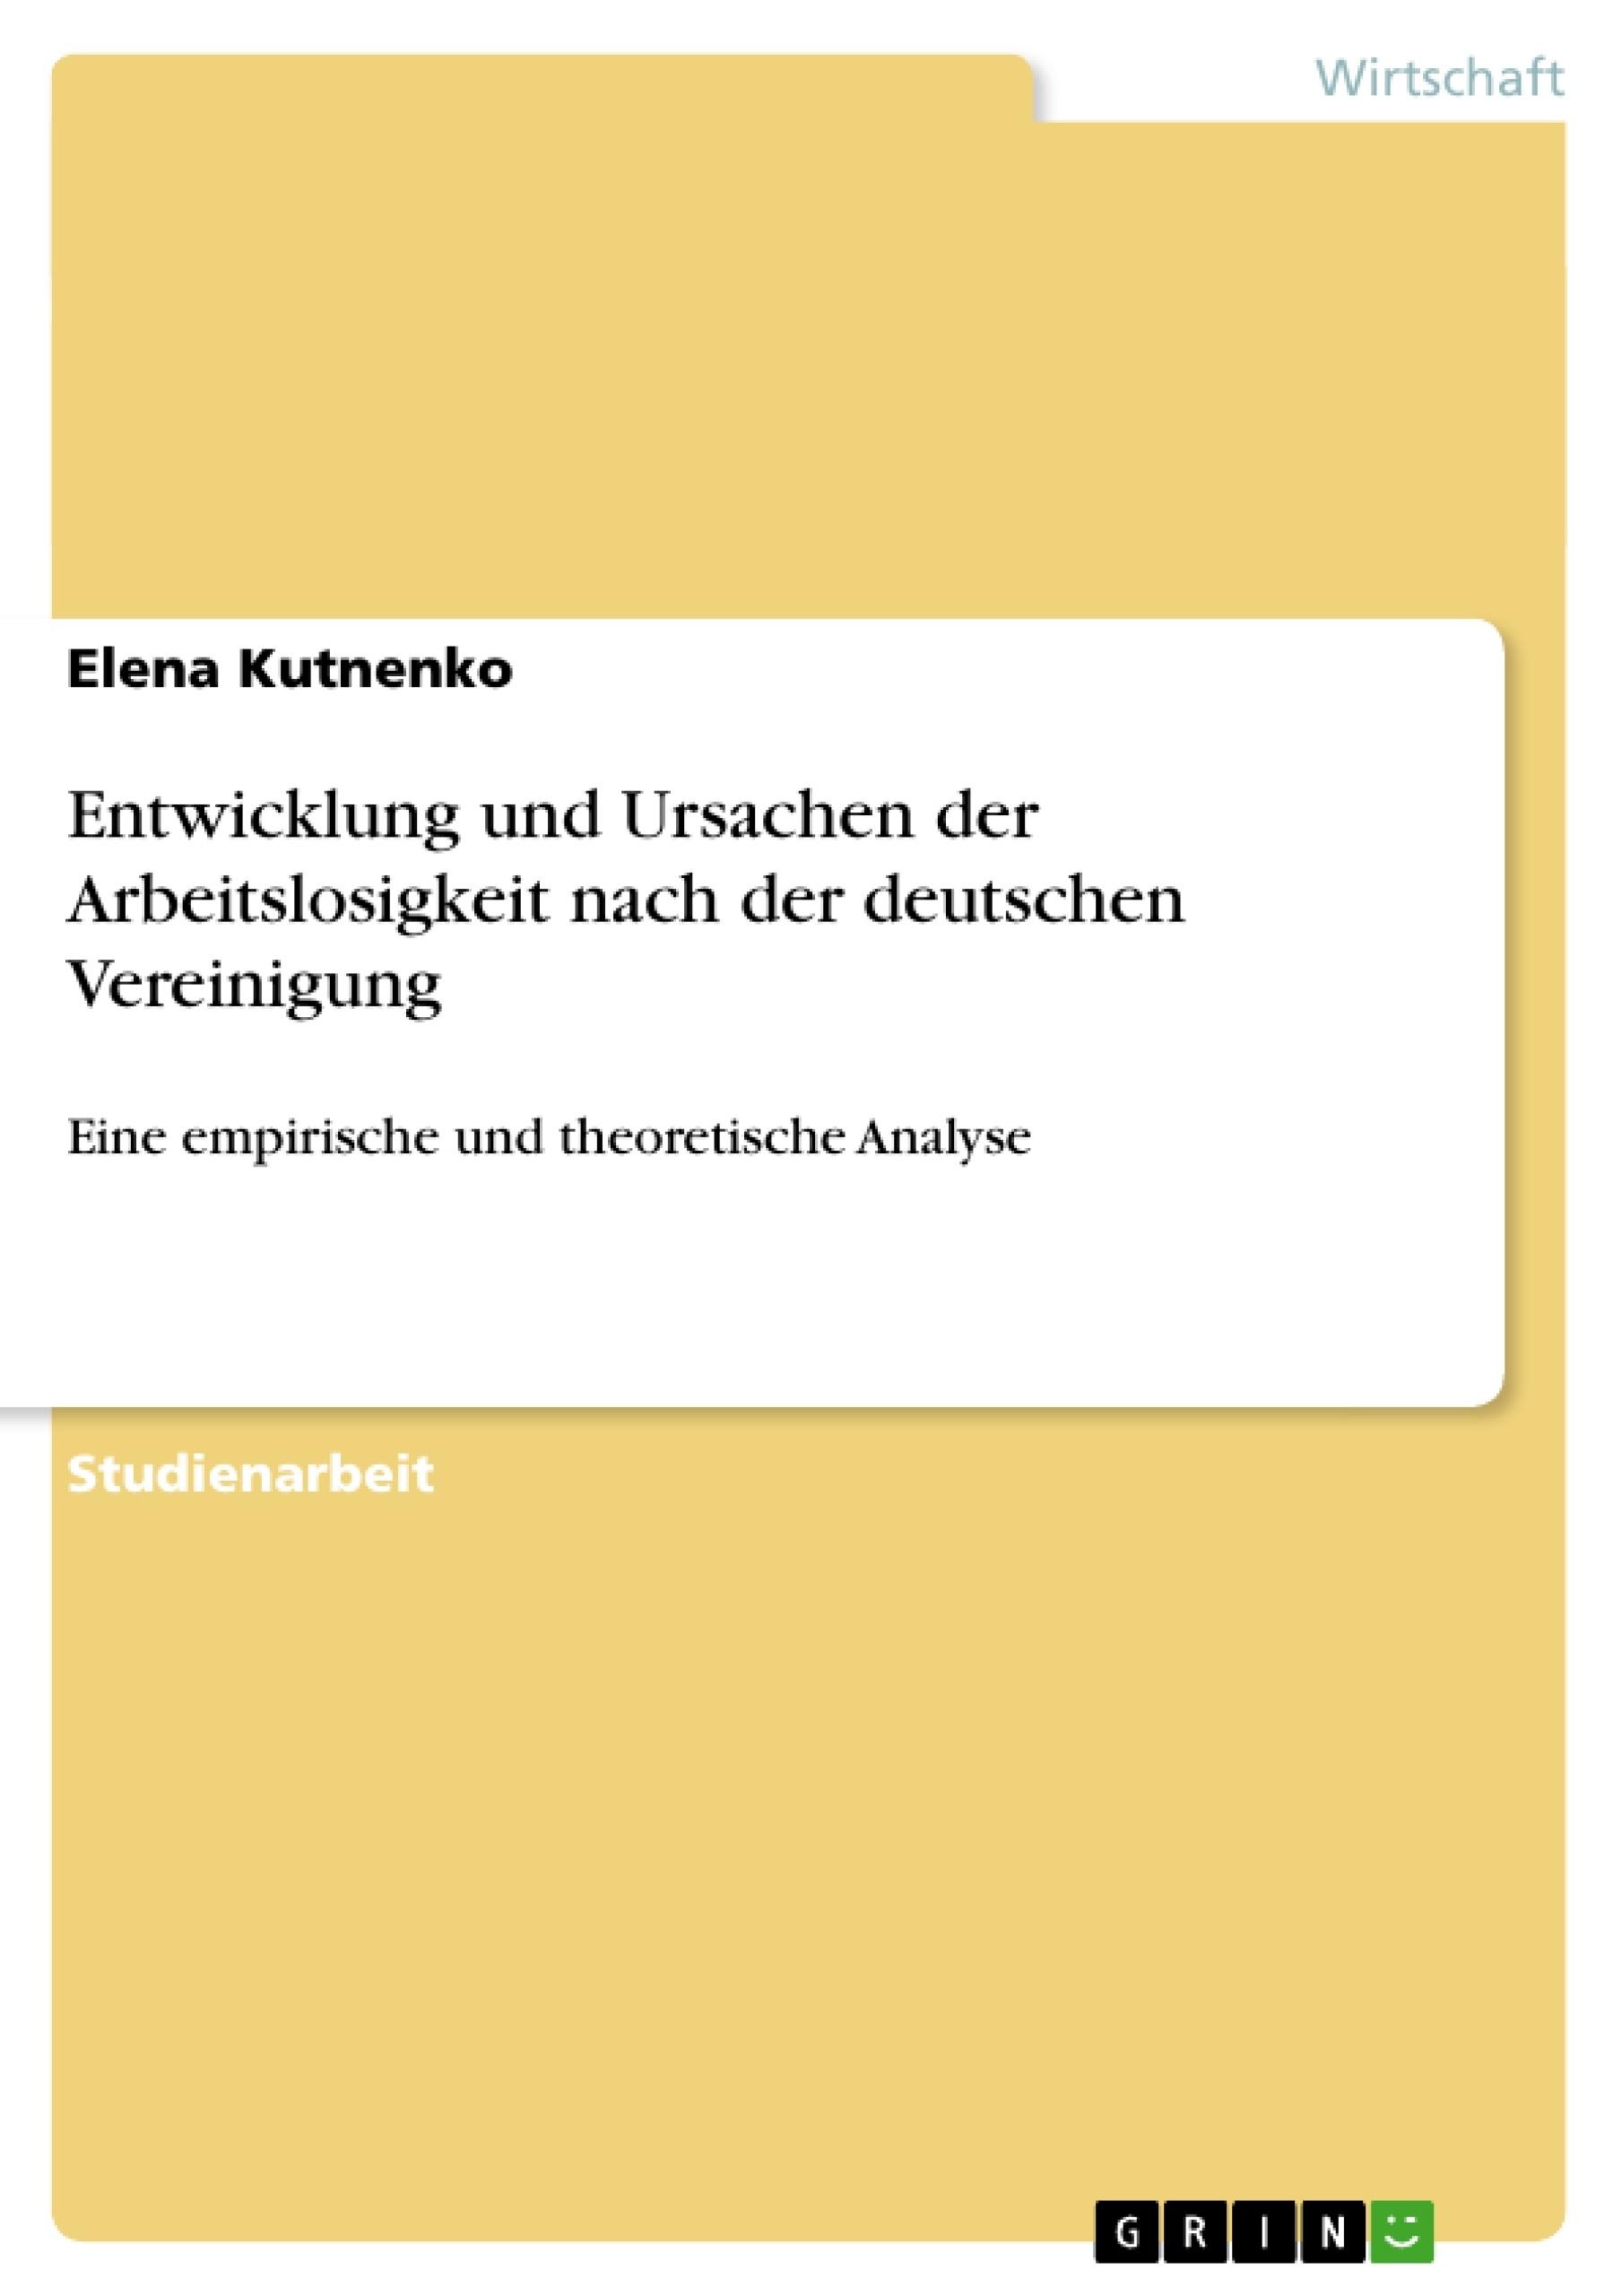 Titel: Entwicklung und Ursachen der Arbeitslosigkeit nach der deutschen Vereinigung